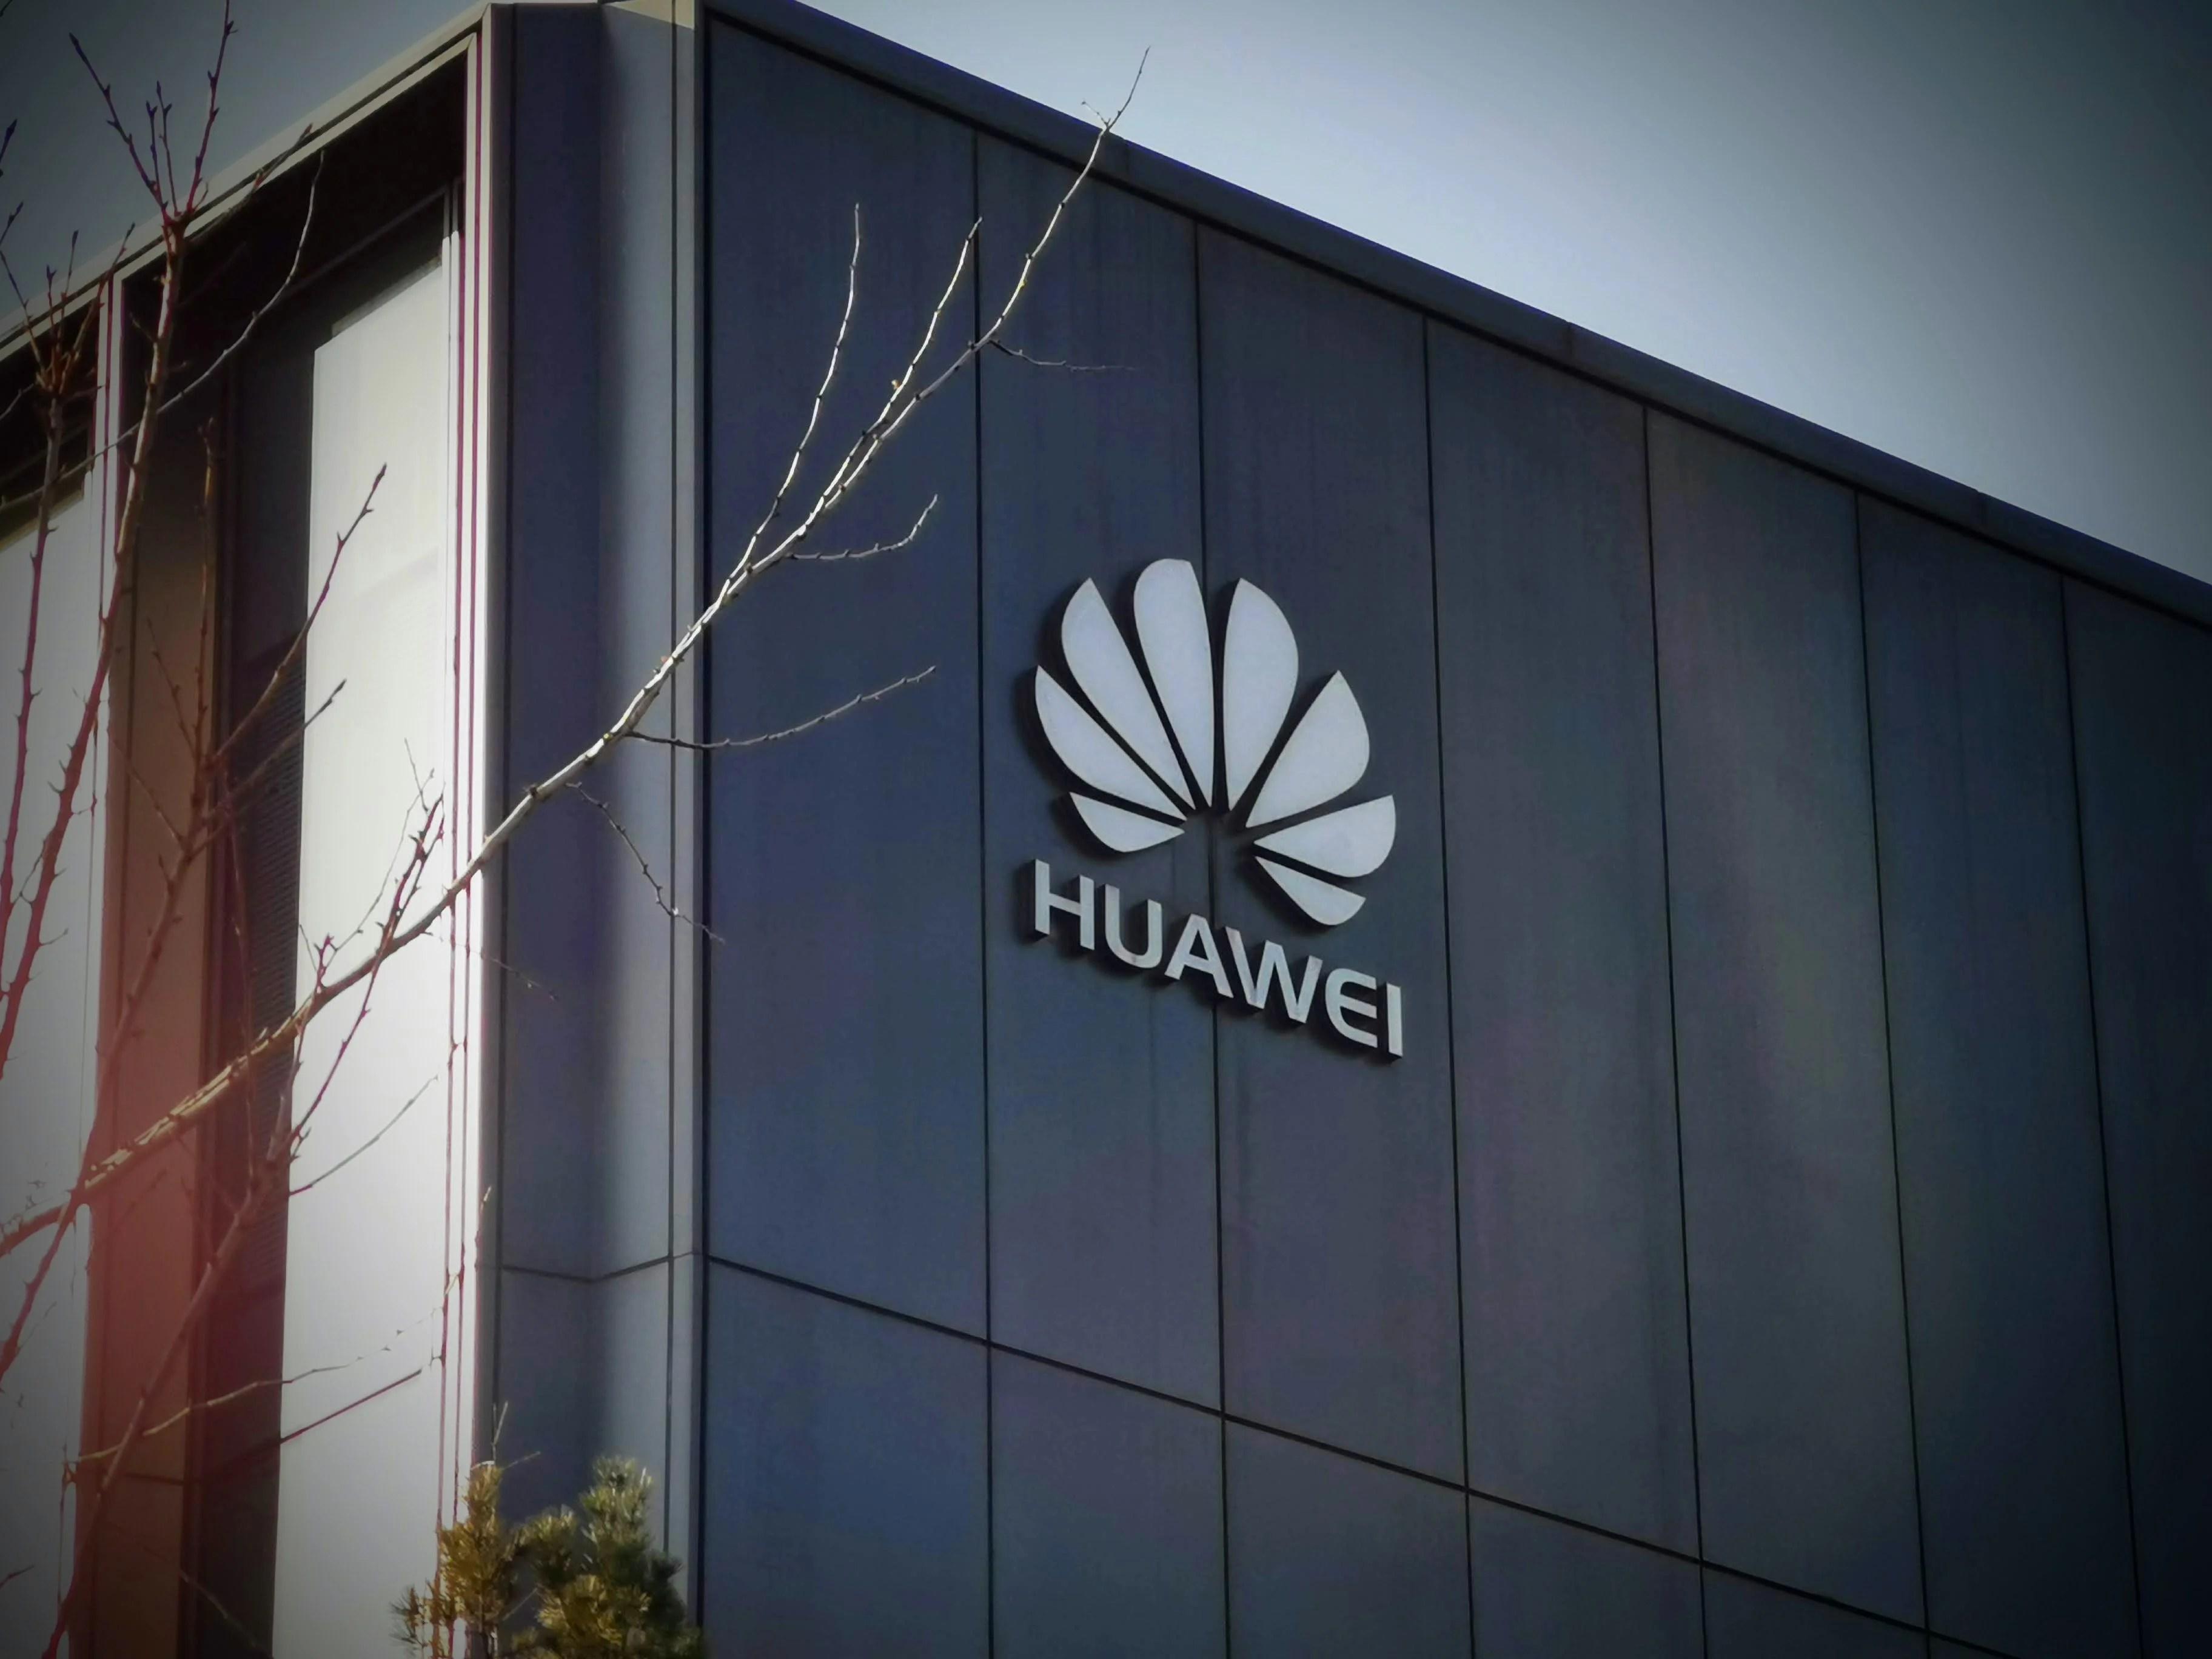 Huawei miserait sur un bouleversement stratégique: les voitures électriques en ligne de mire